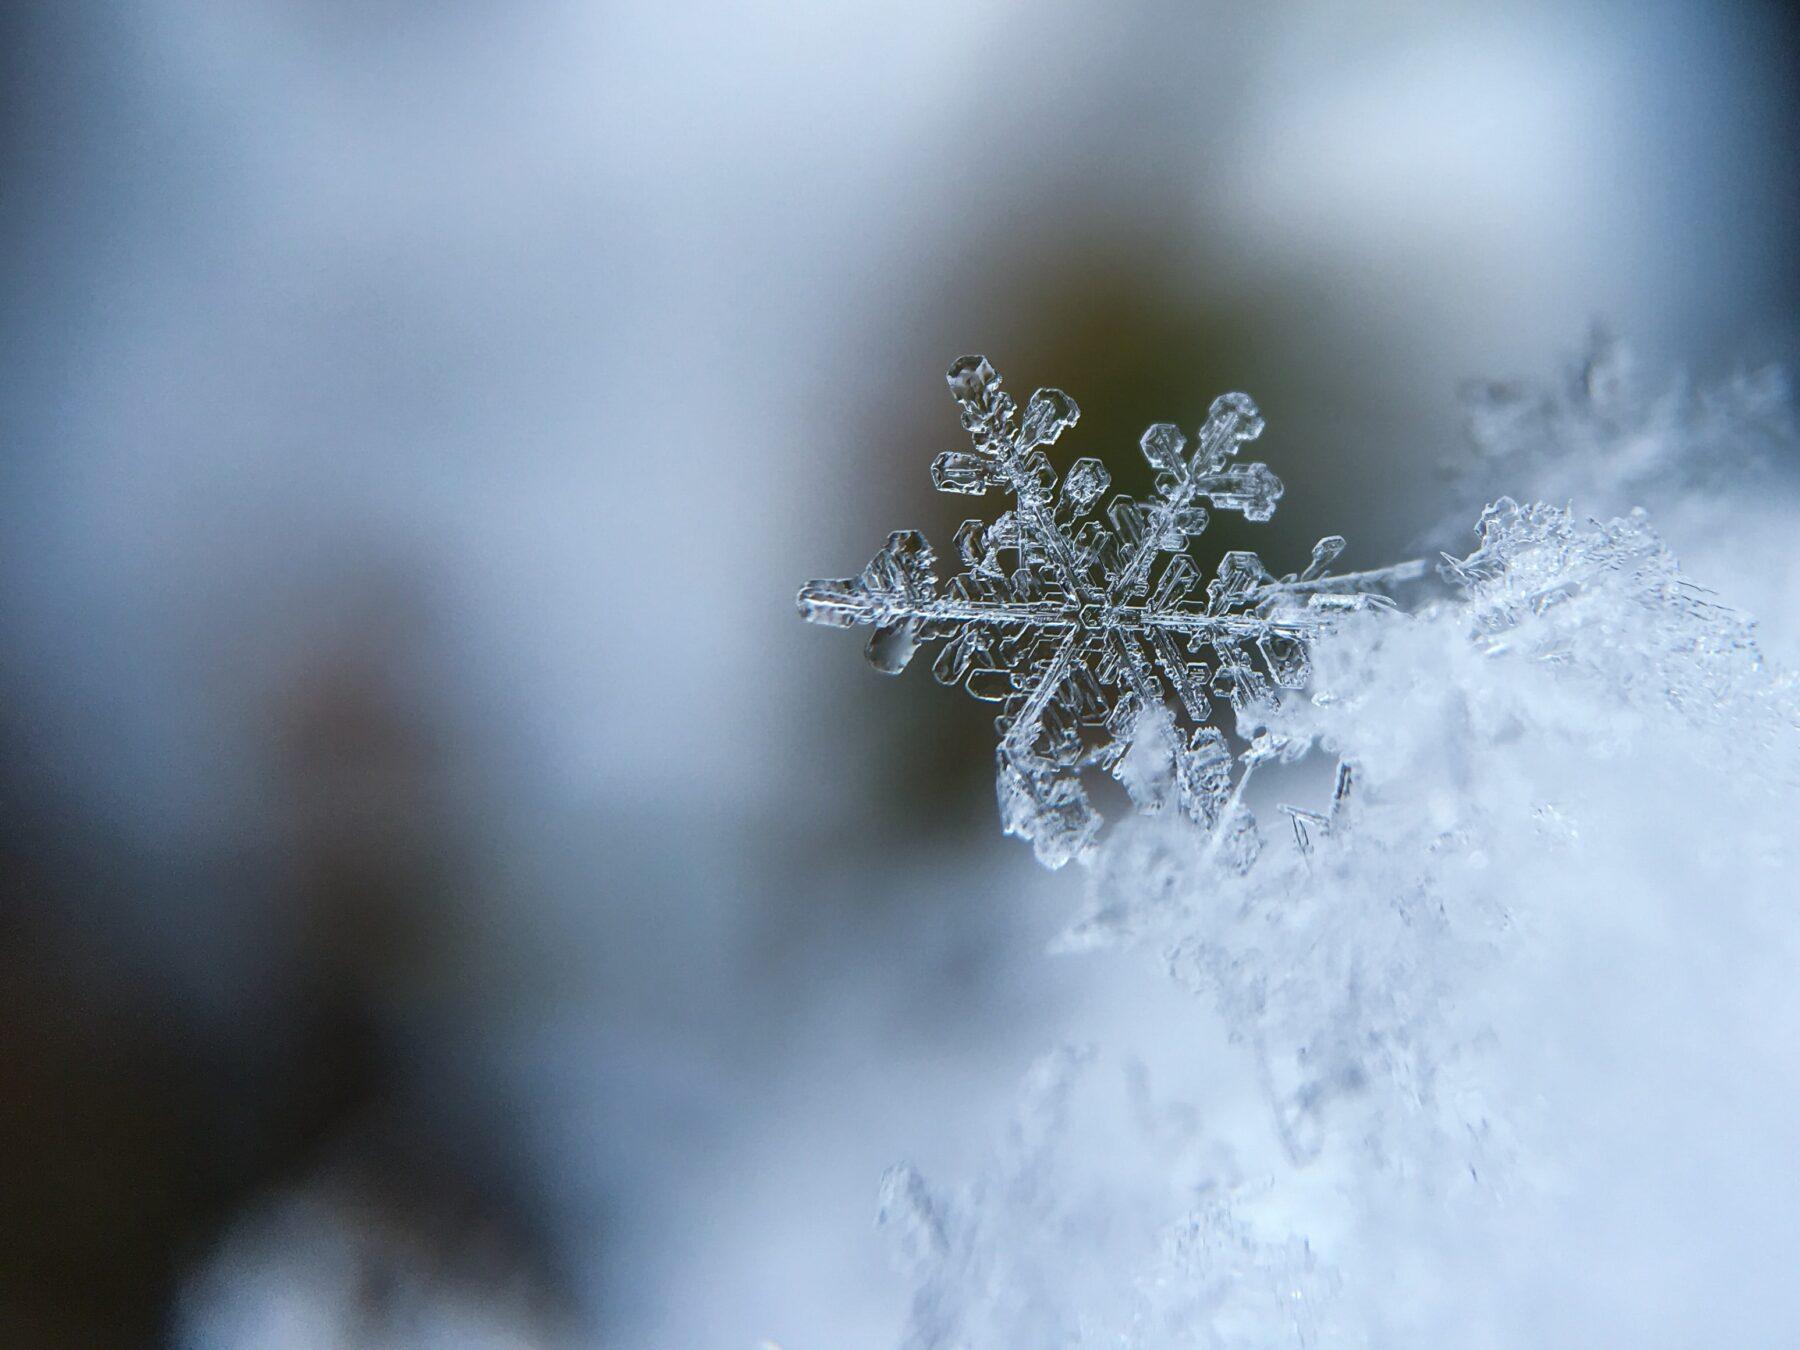 sneeuwvlokje